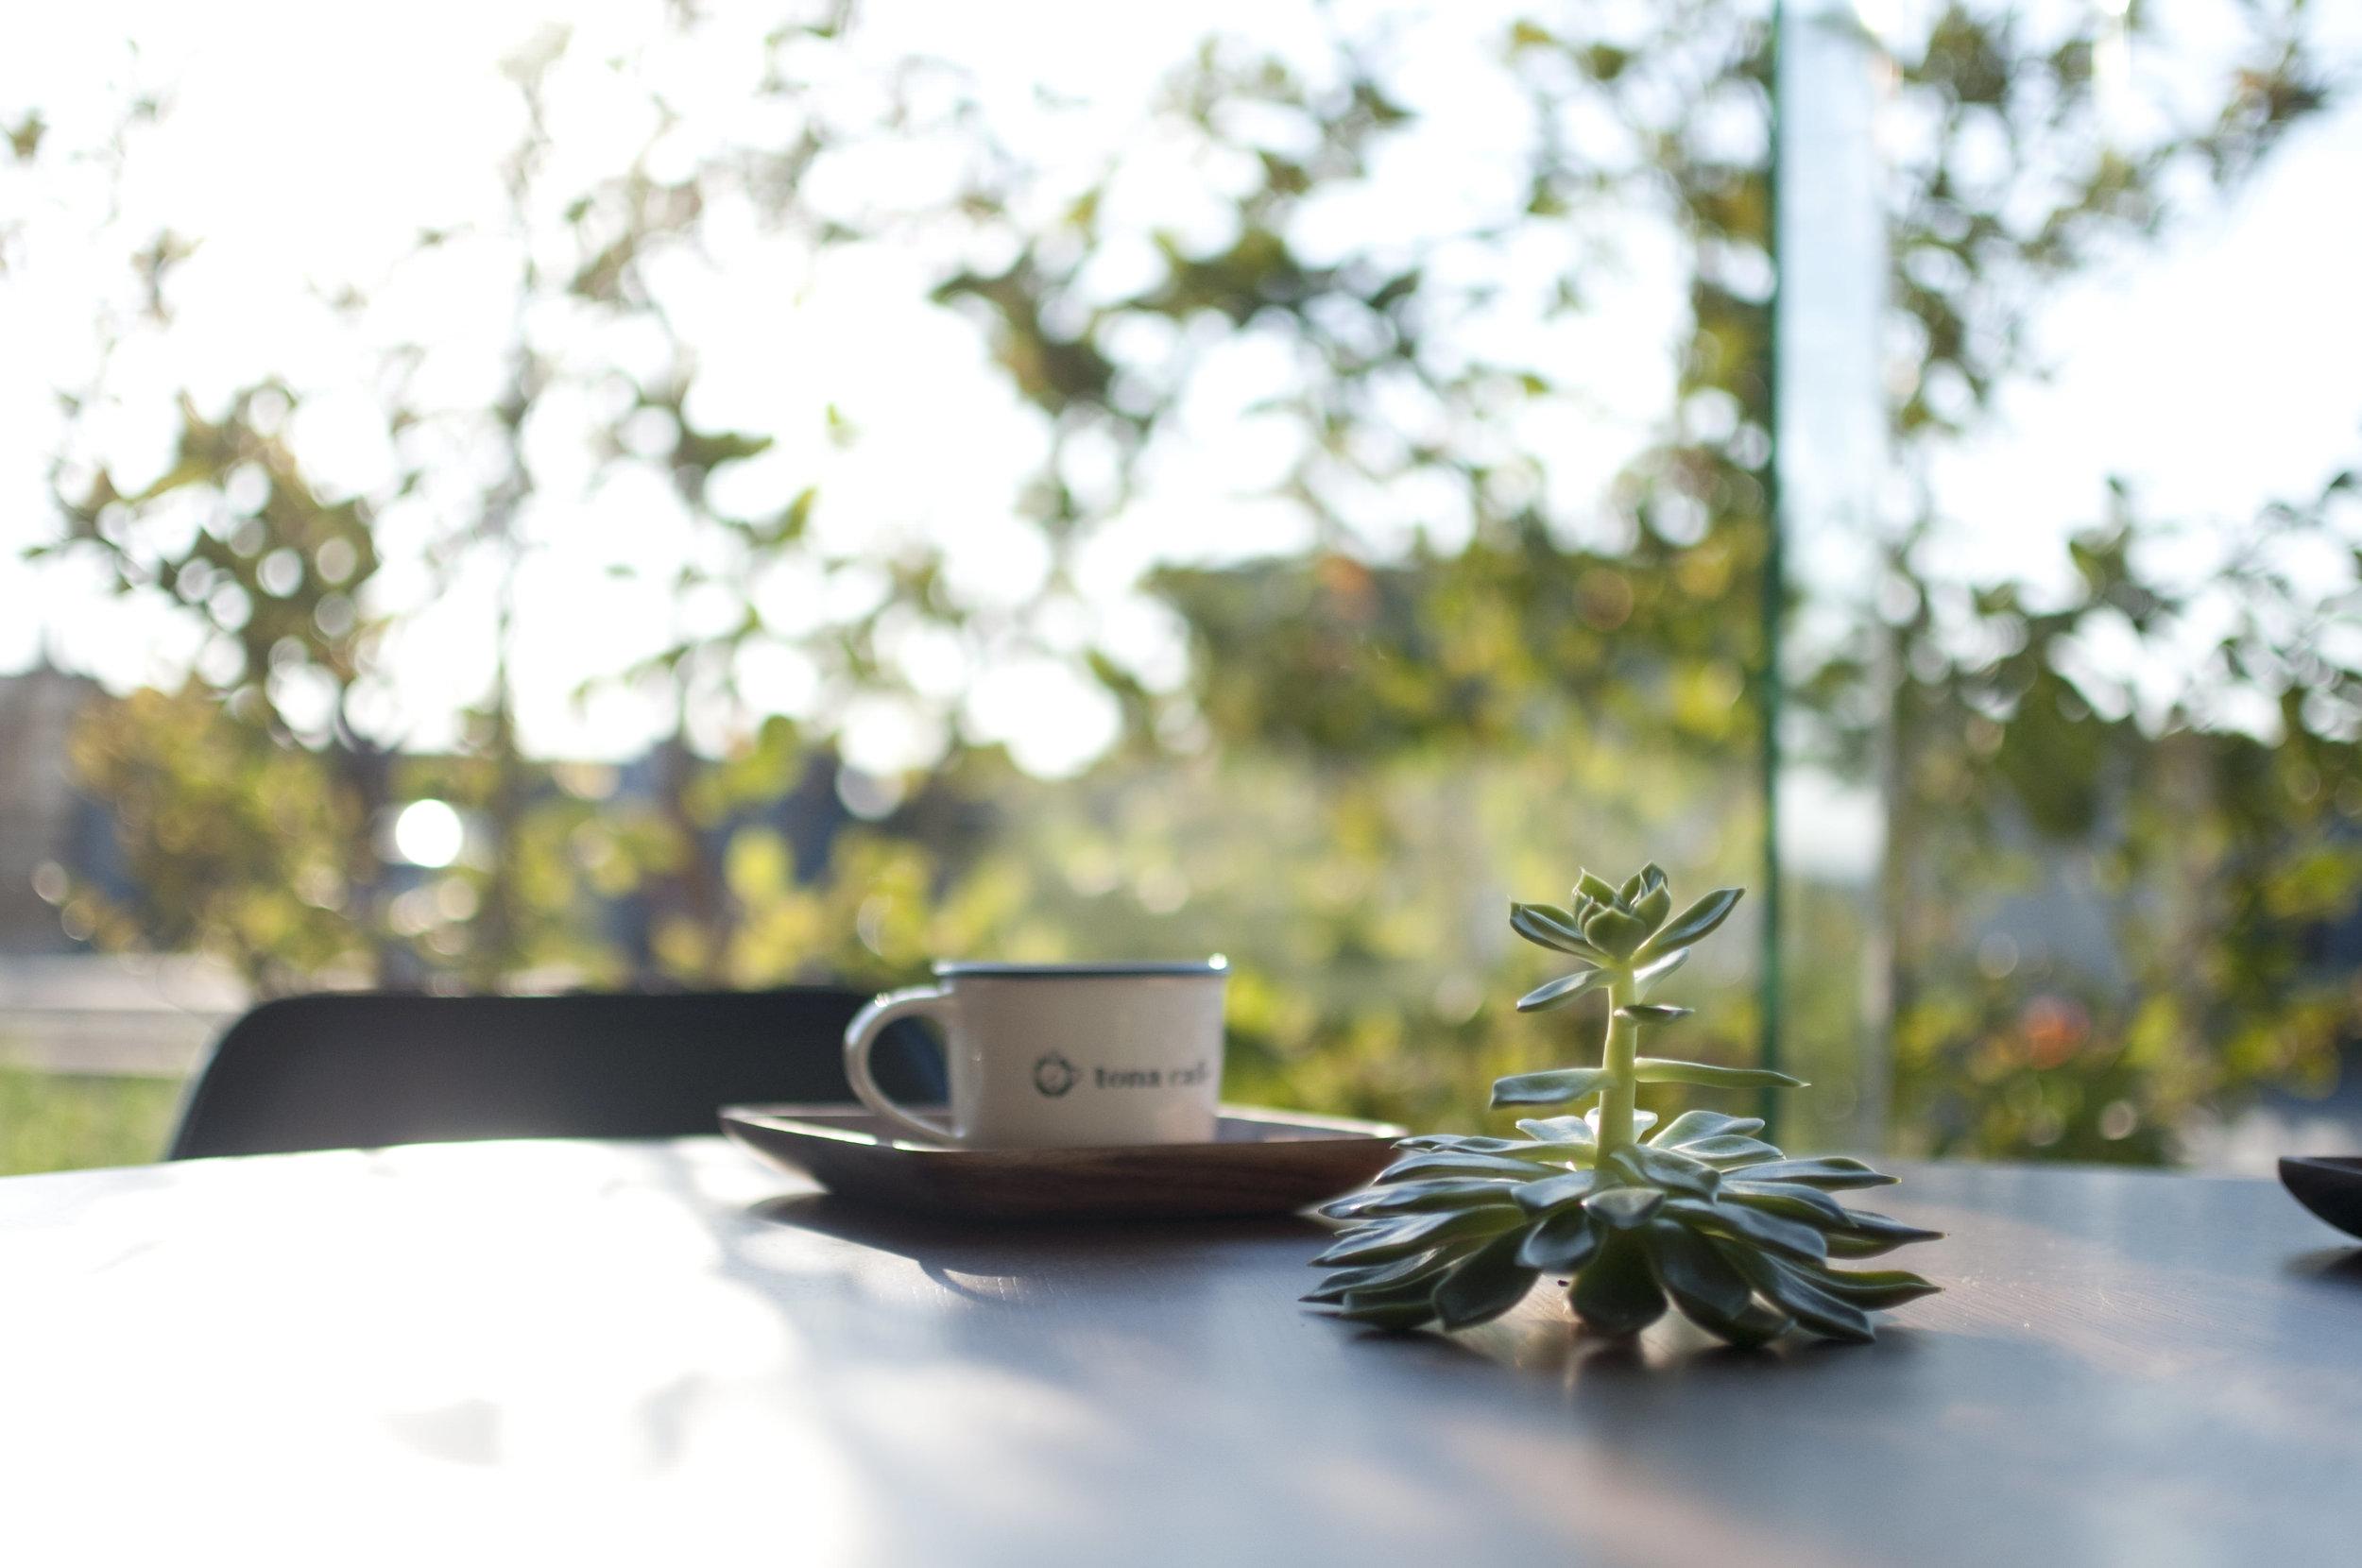 tona cafe トナカフェ 成正建装 愛知県 犬山市 新築 リフォーム 古民家再生 家づくり7.jpg